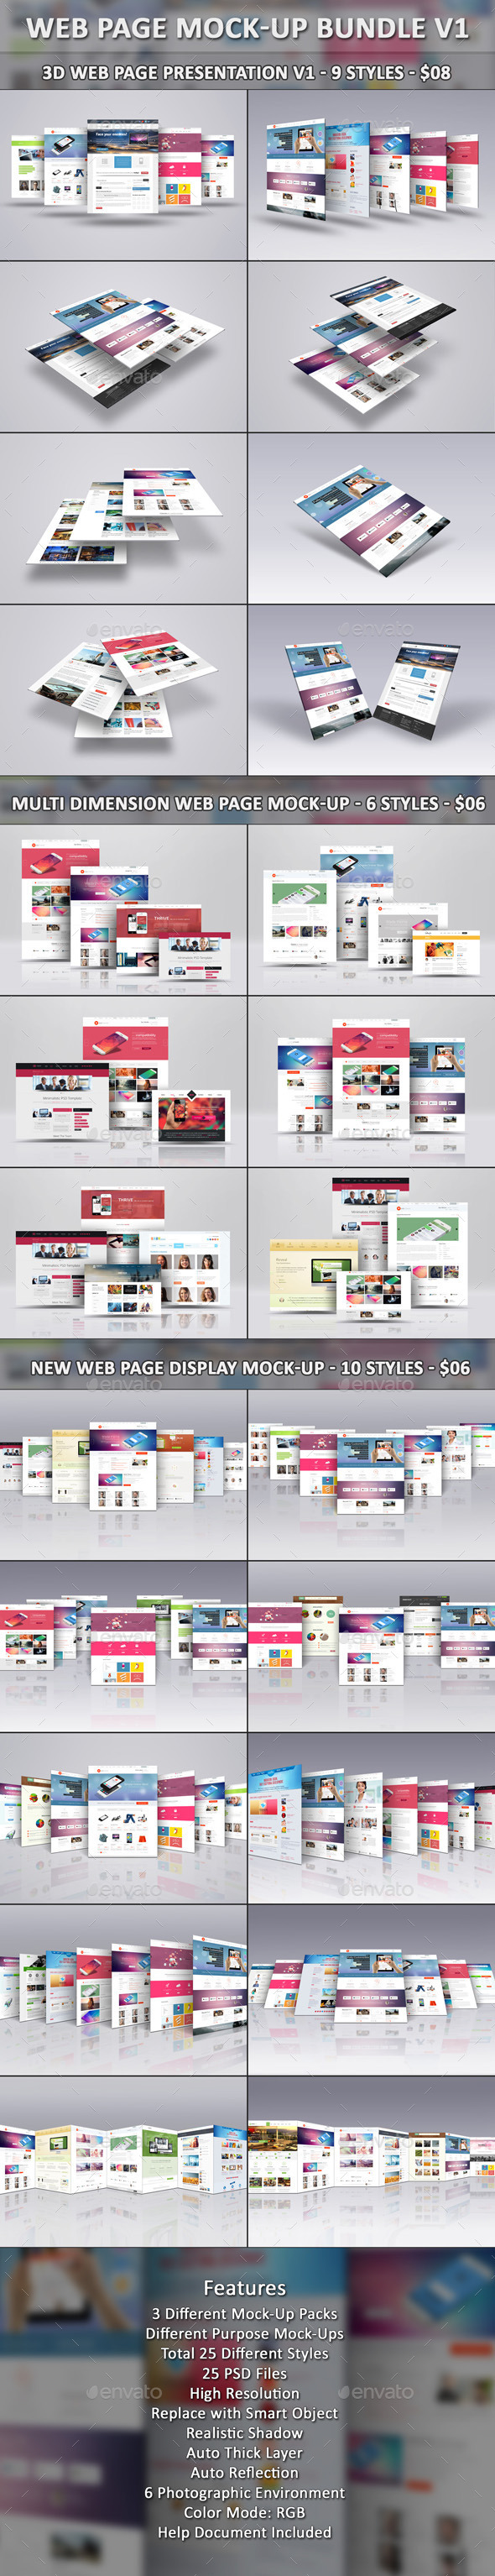 Web Page Mock-Up Bundle V1